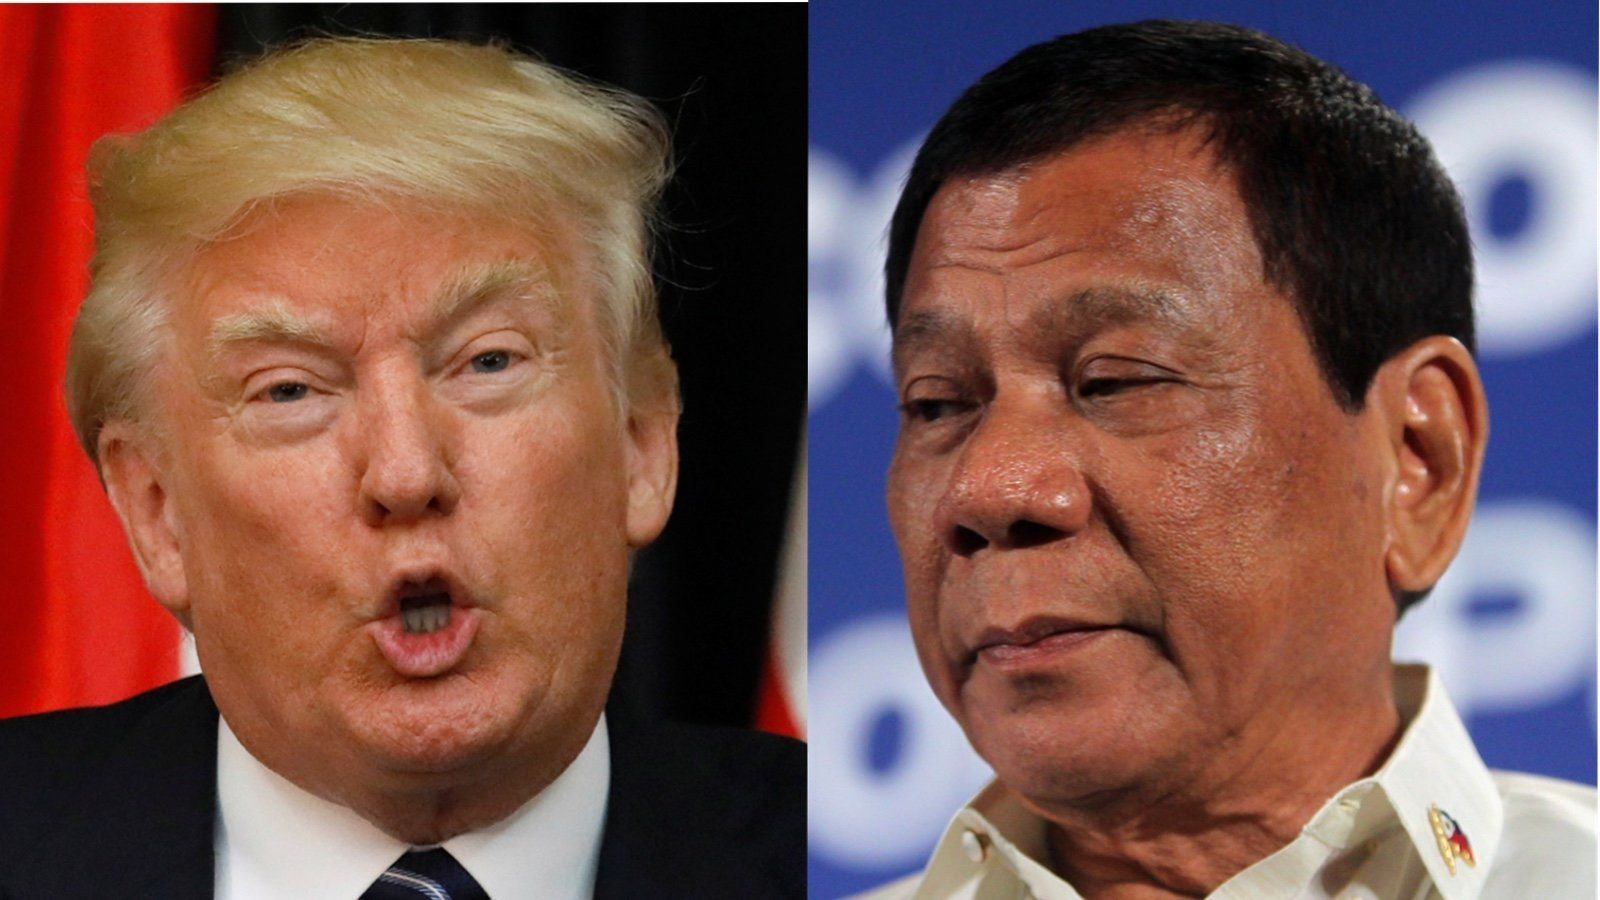 Trump Praised Philippines President Duterte For Drug War That Has Killed 9,000